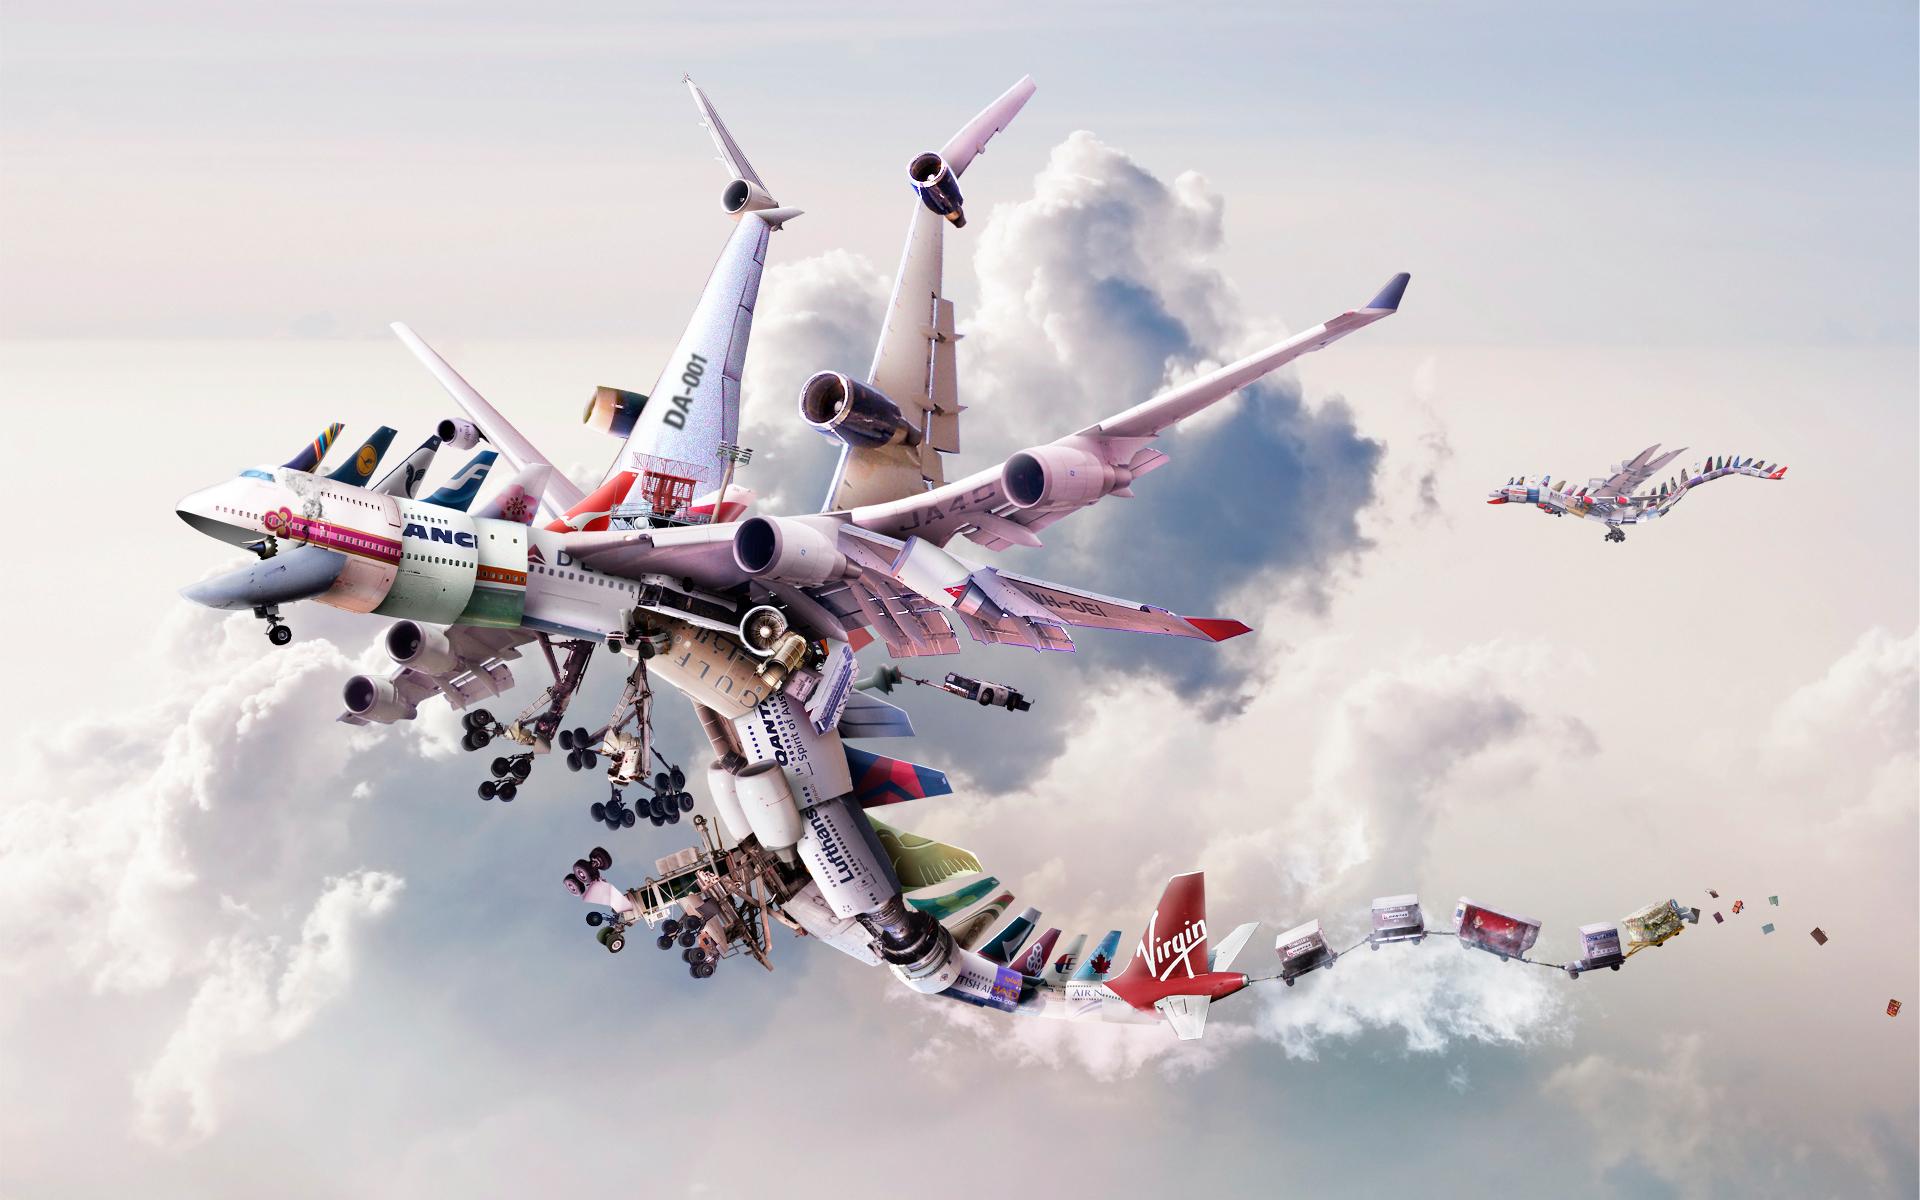 Авиалайнер в воздухе  № 2357426 загрузить